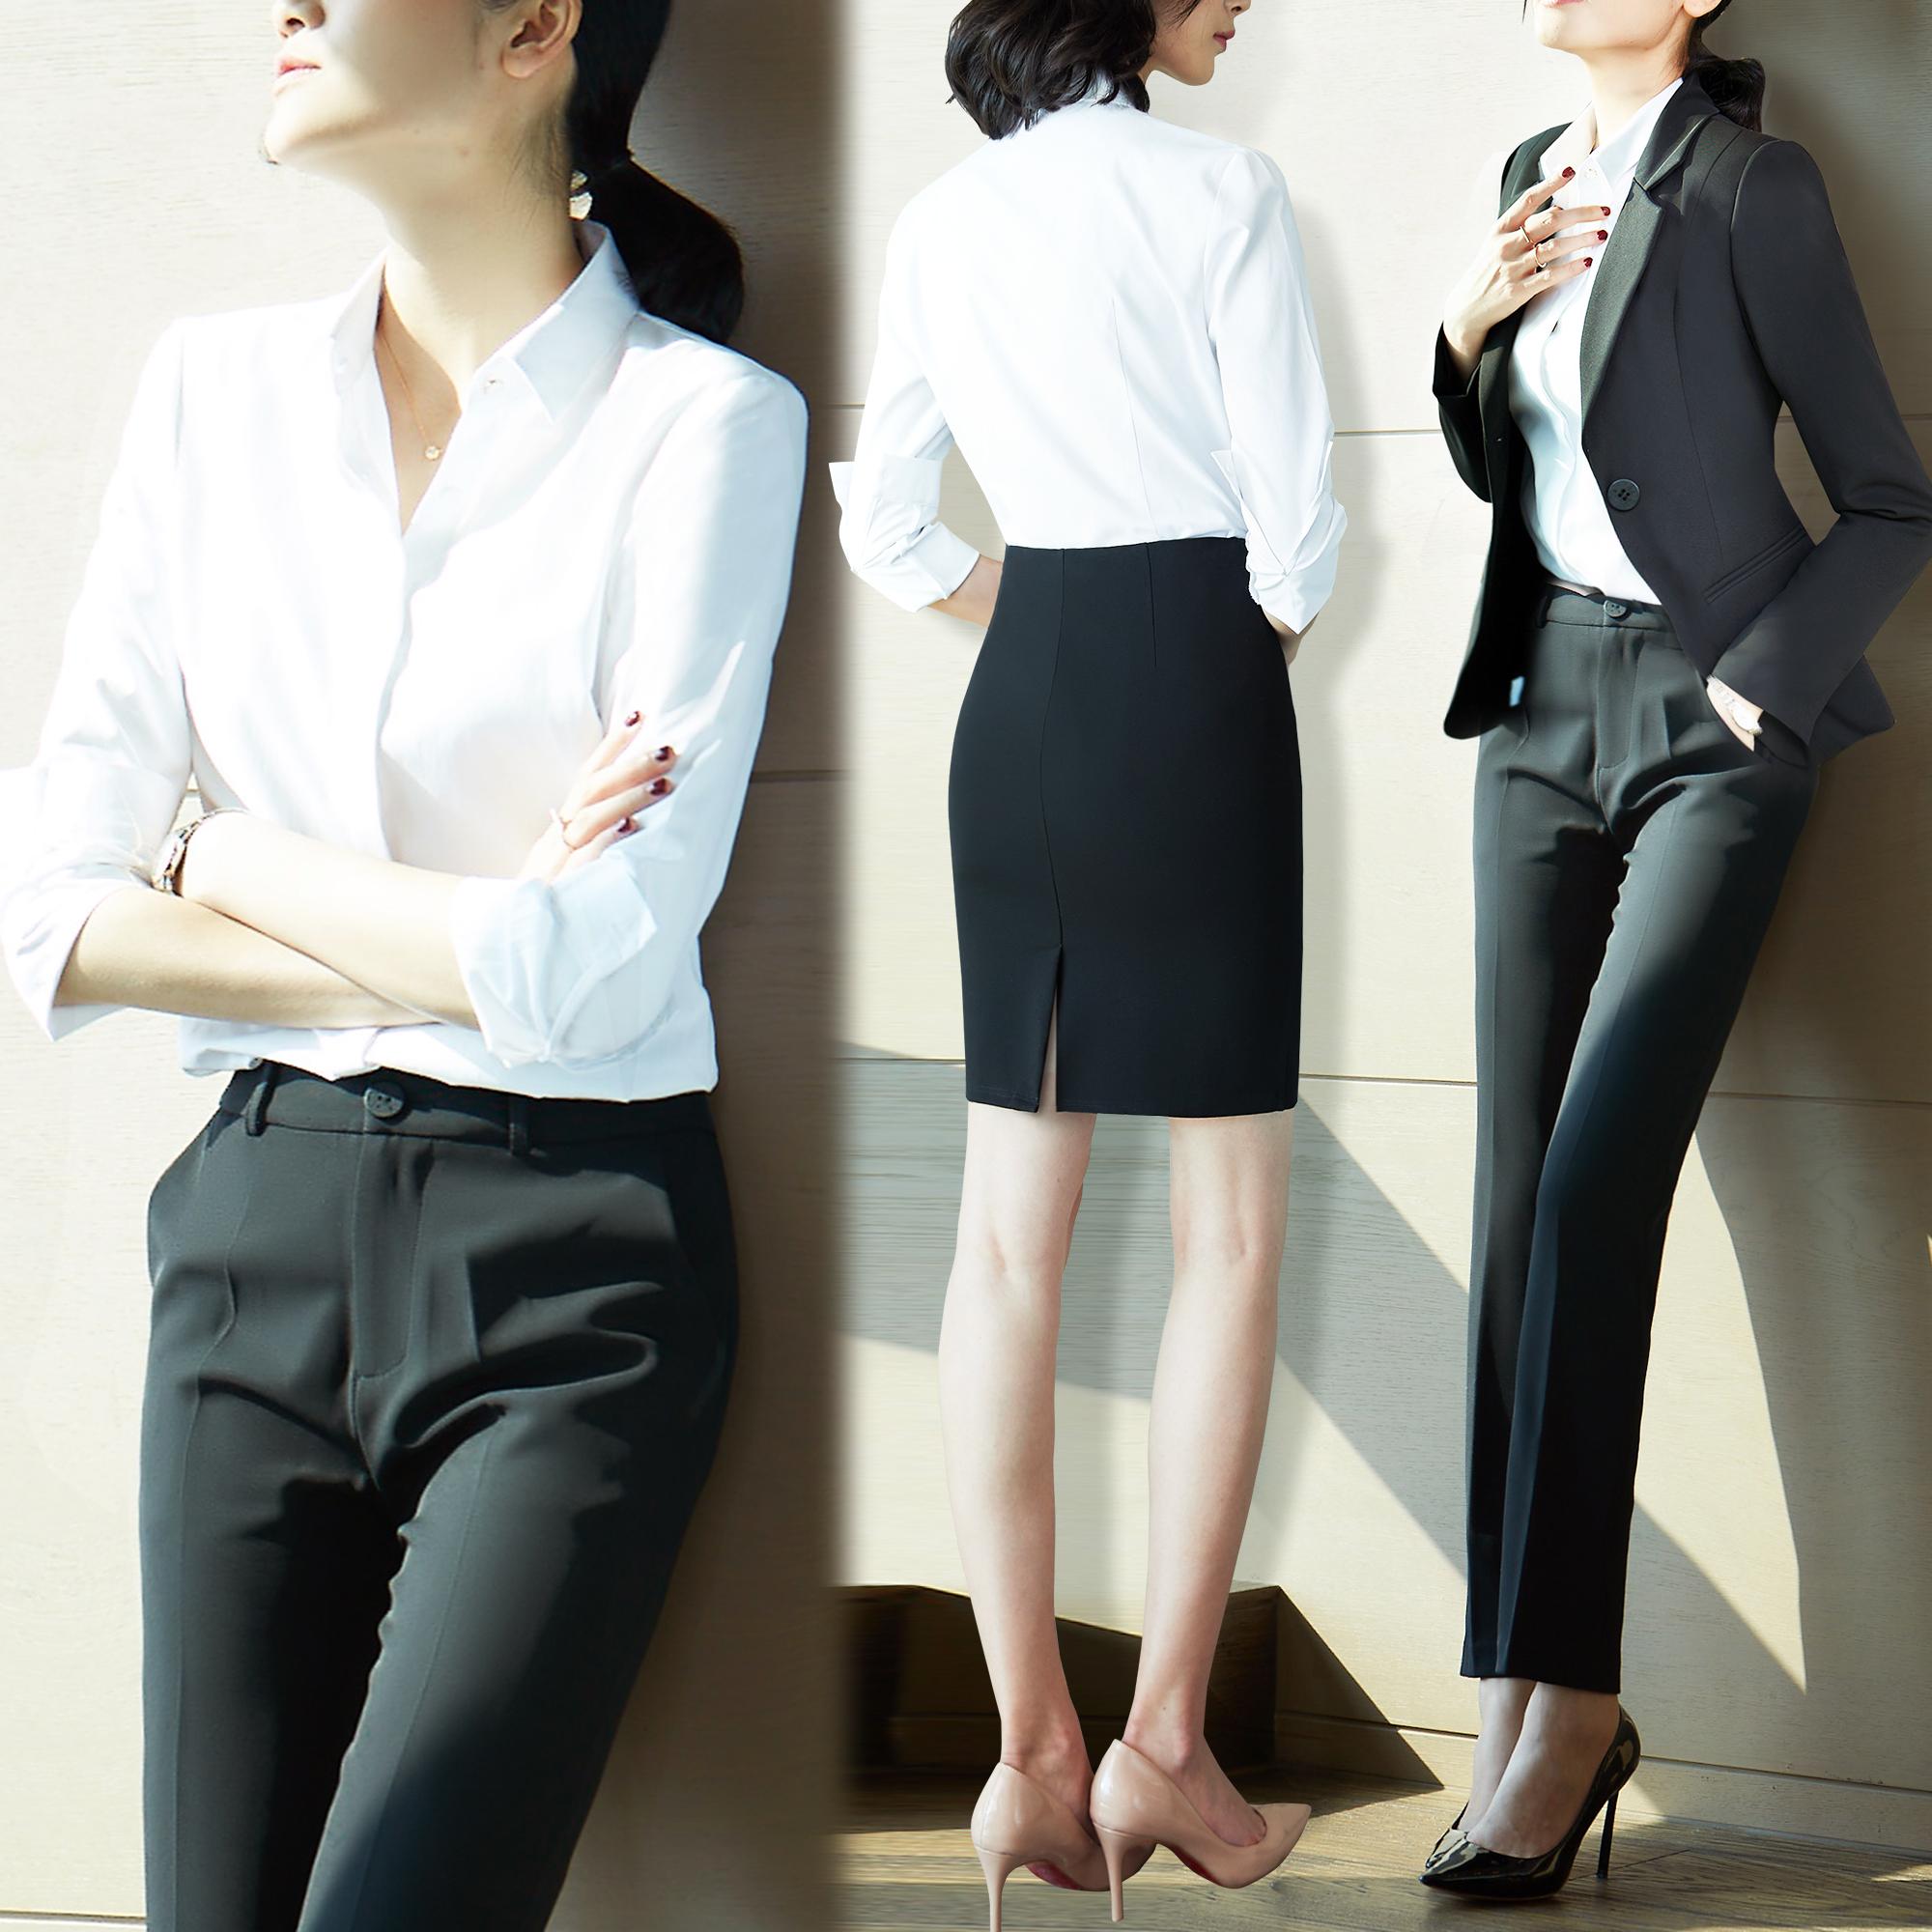 职业套装女西装工作服正装职场商务时尚大学生面试气质工装女神范